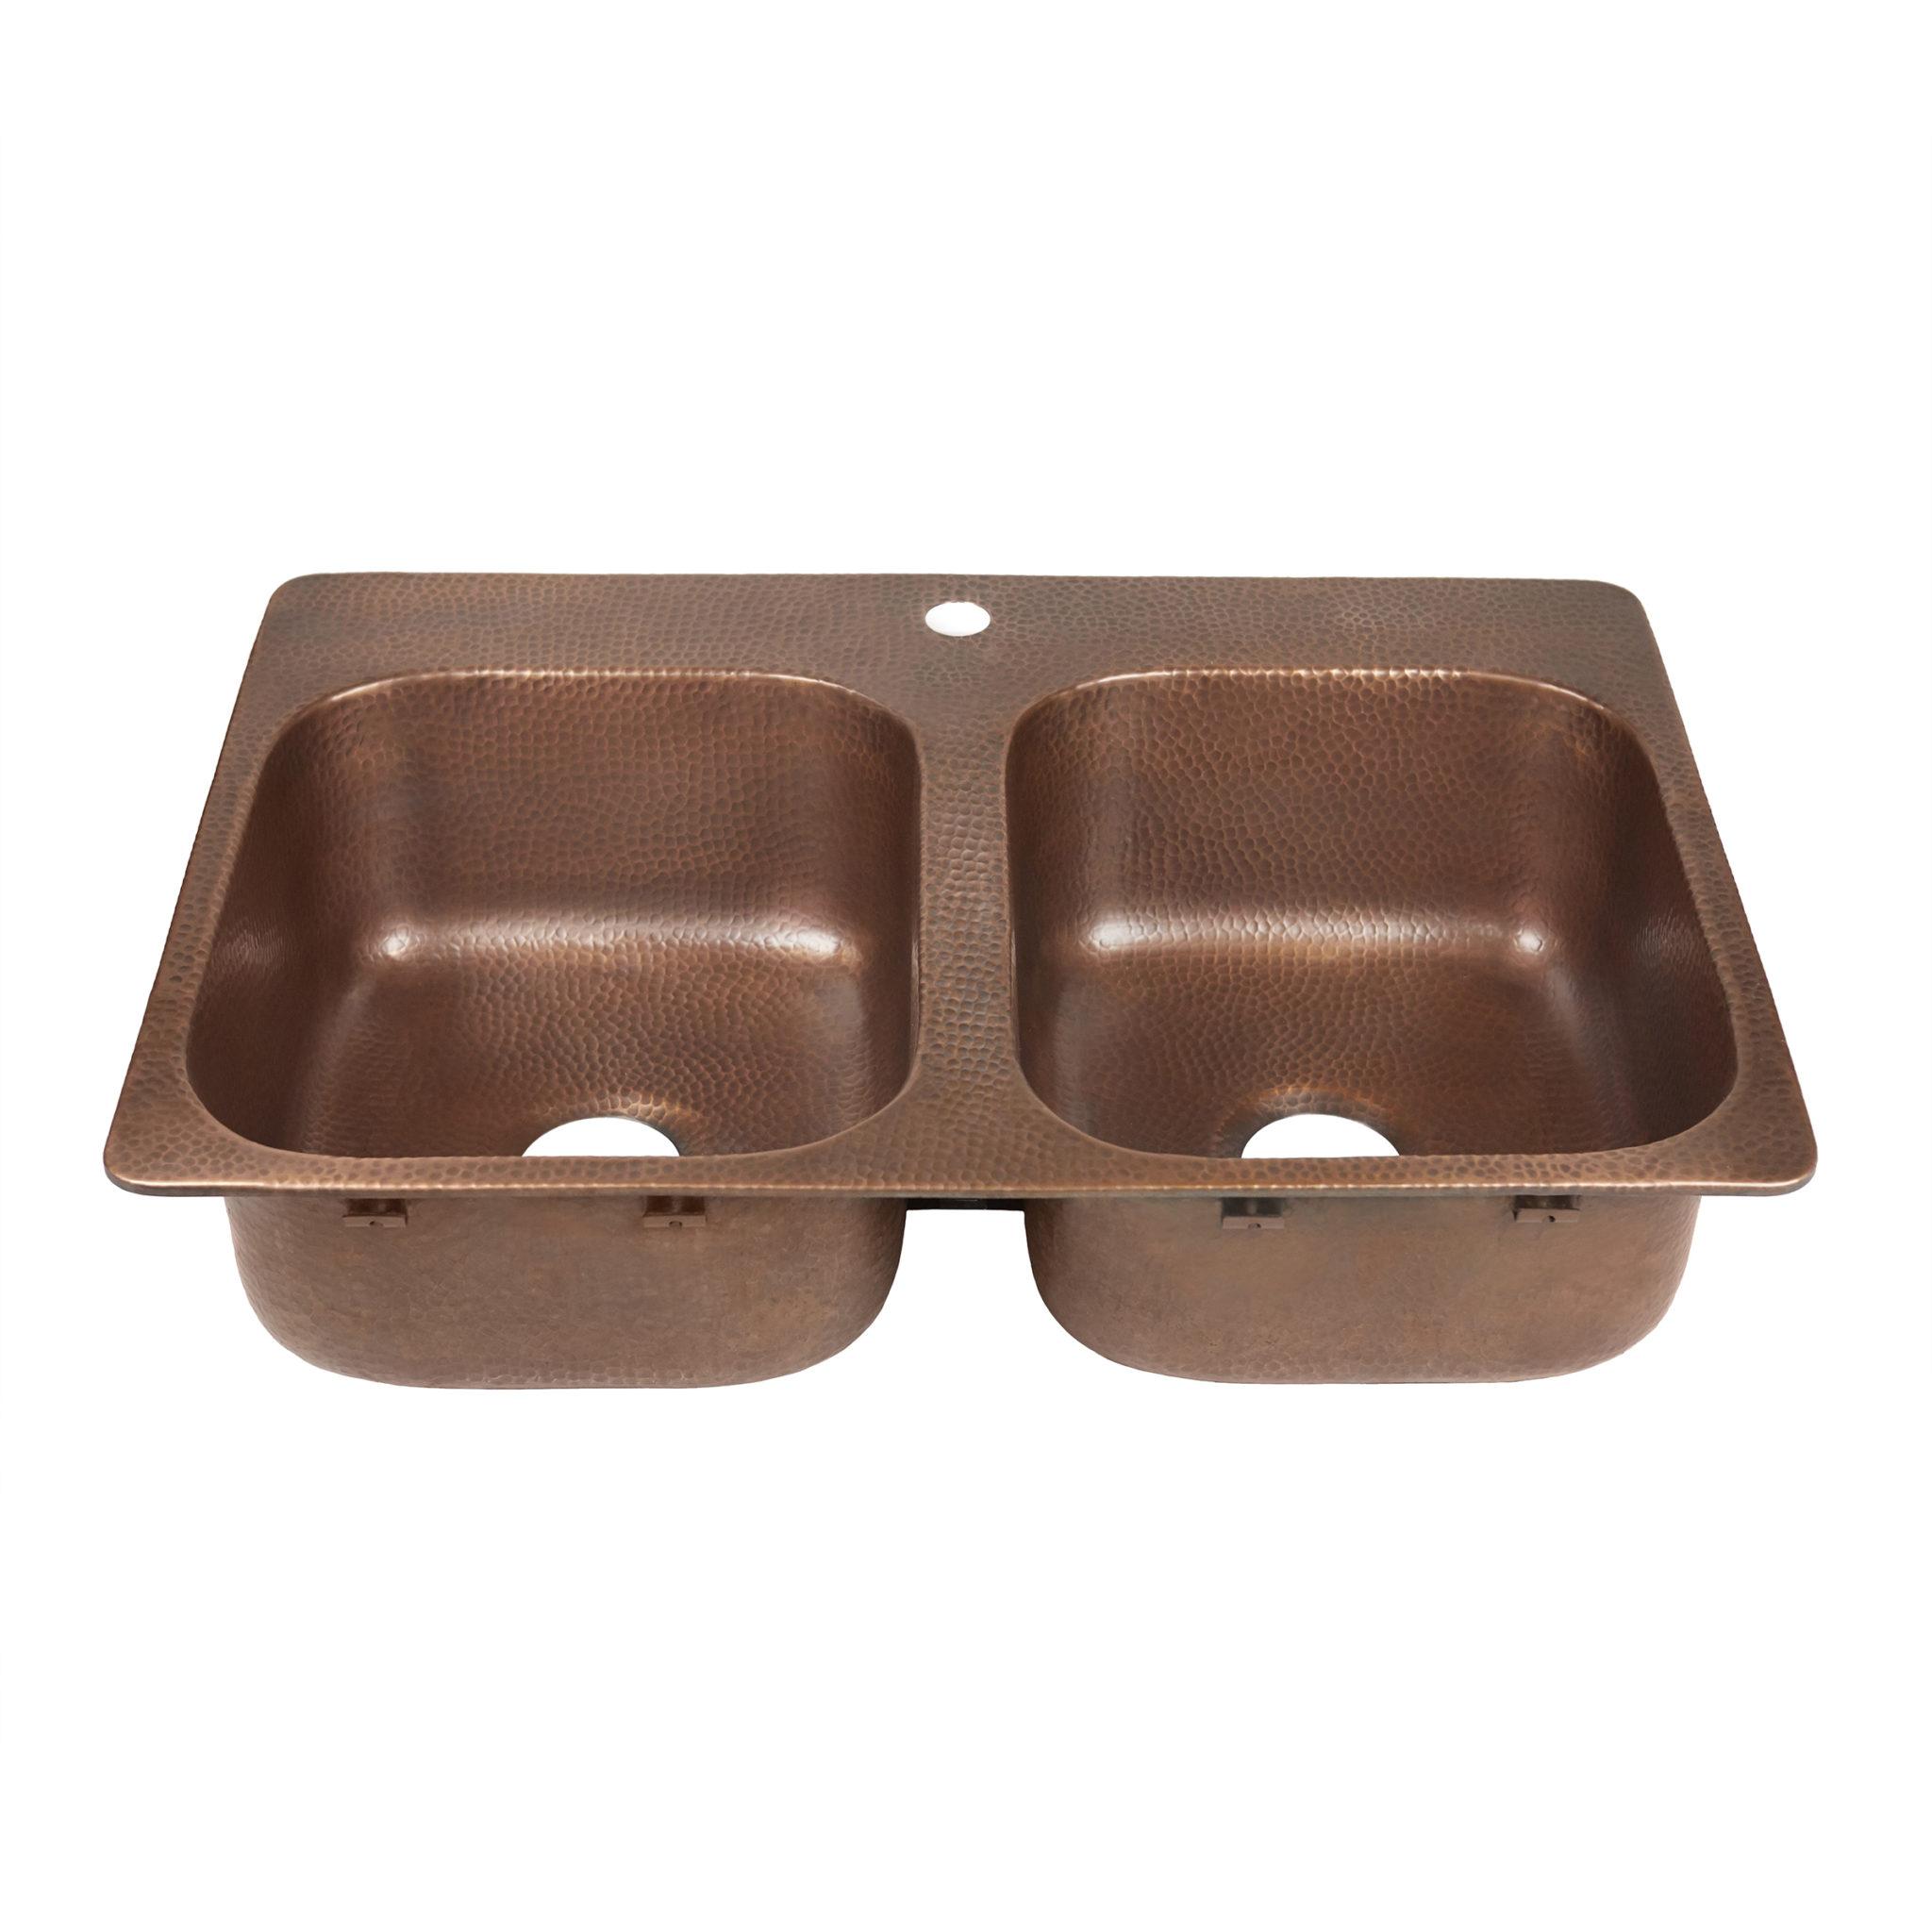 Copper Kitchen Drop-In Sinks by Sinkology